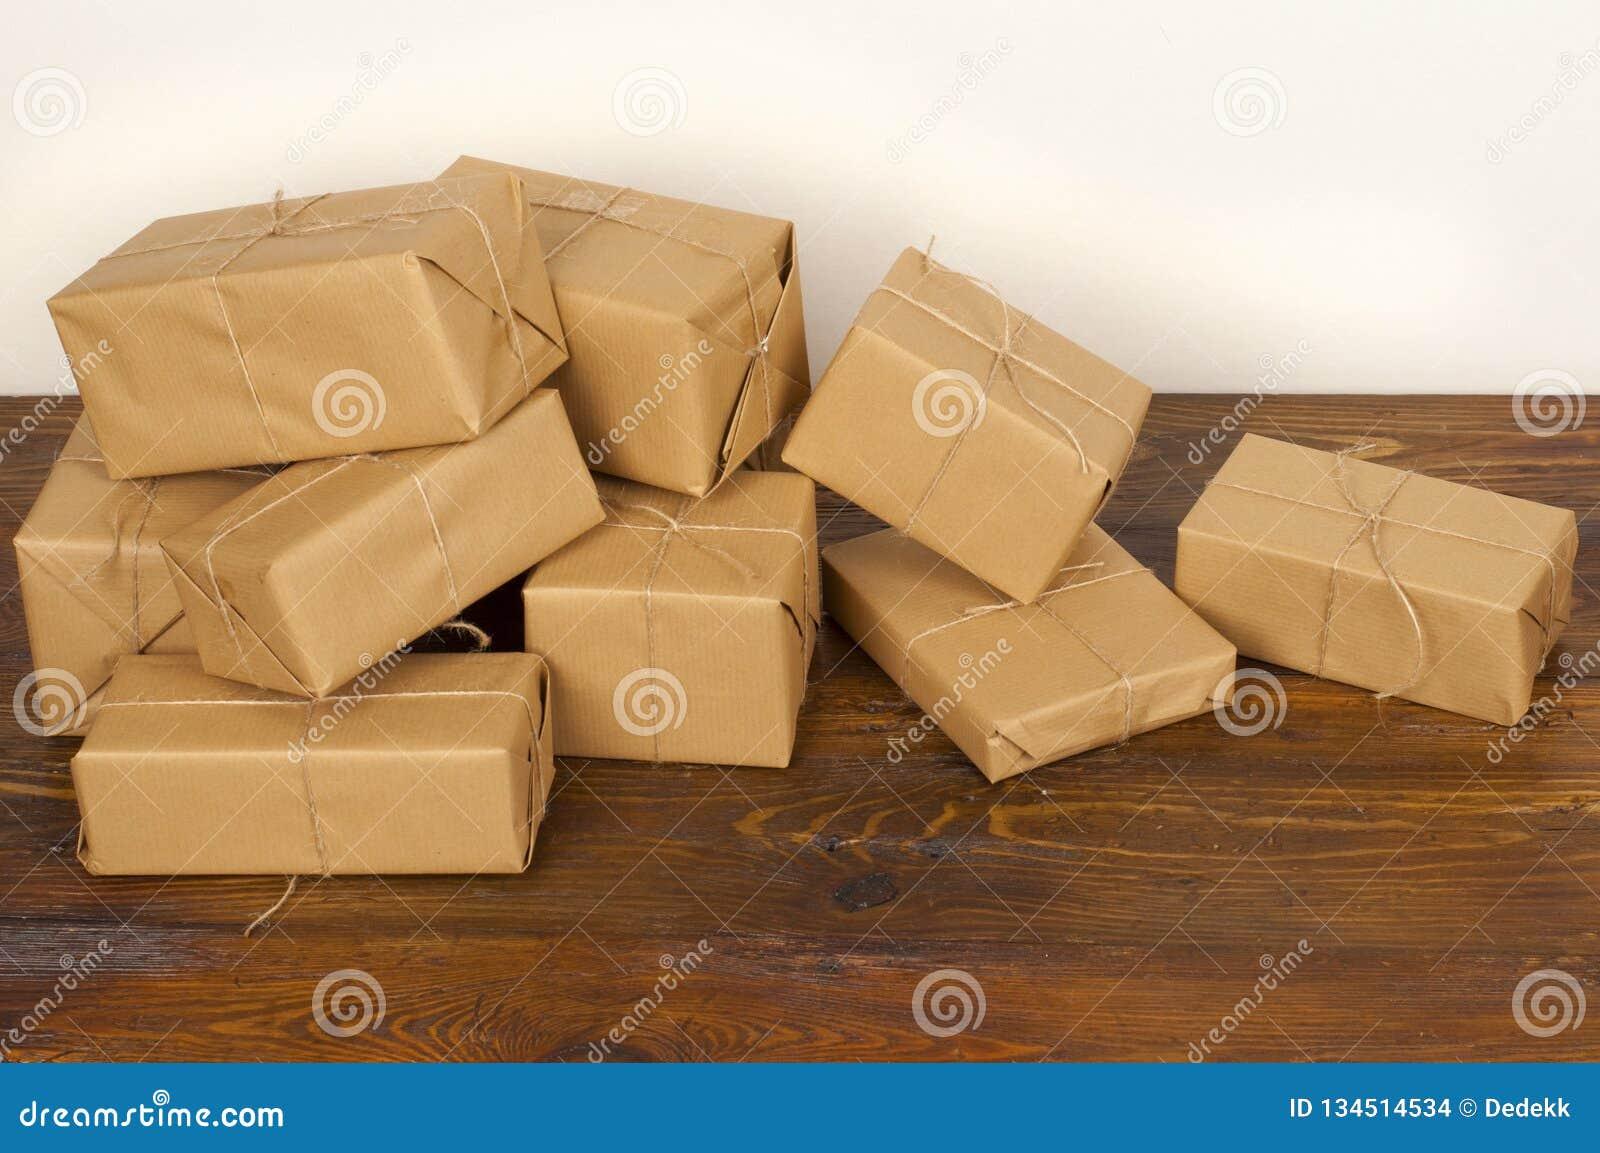 Postal parcels